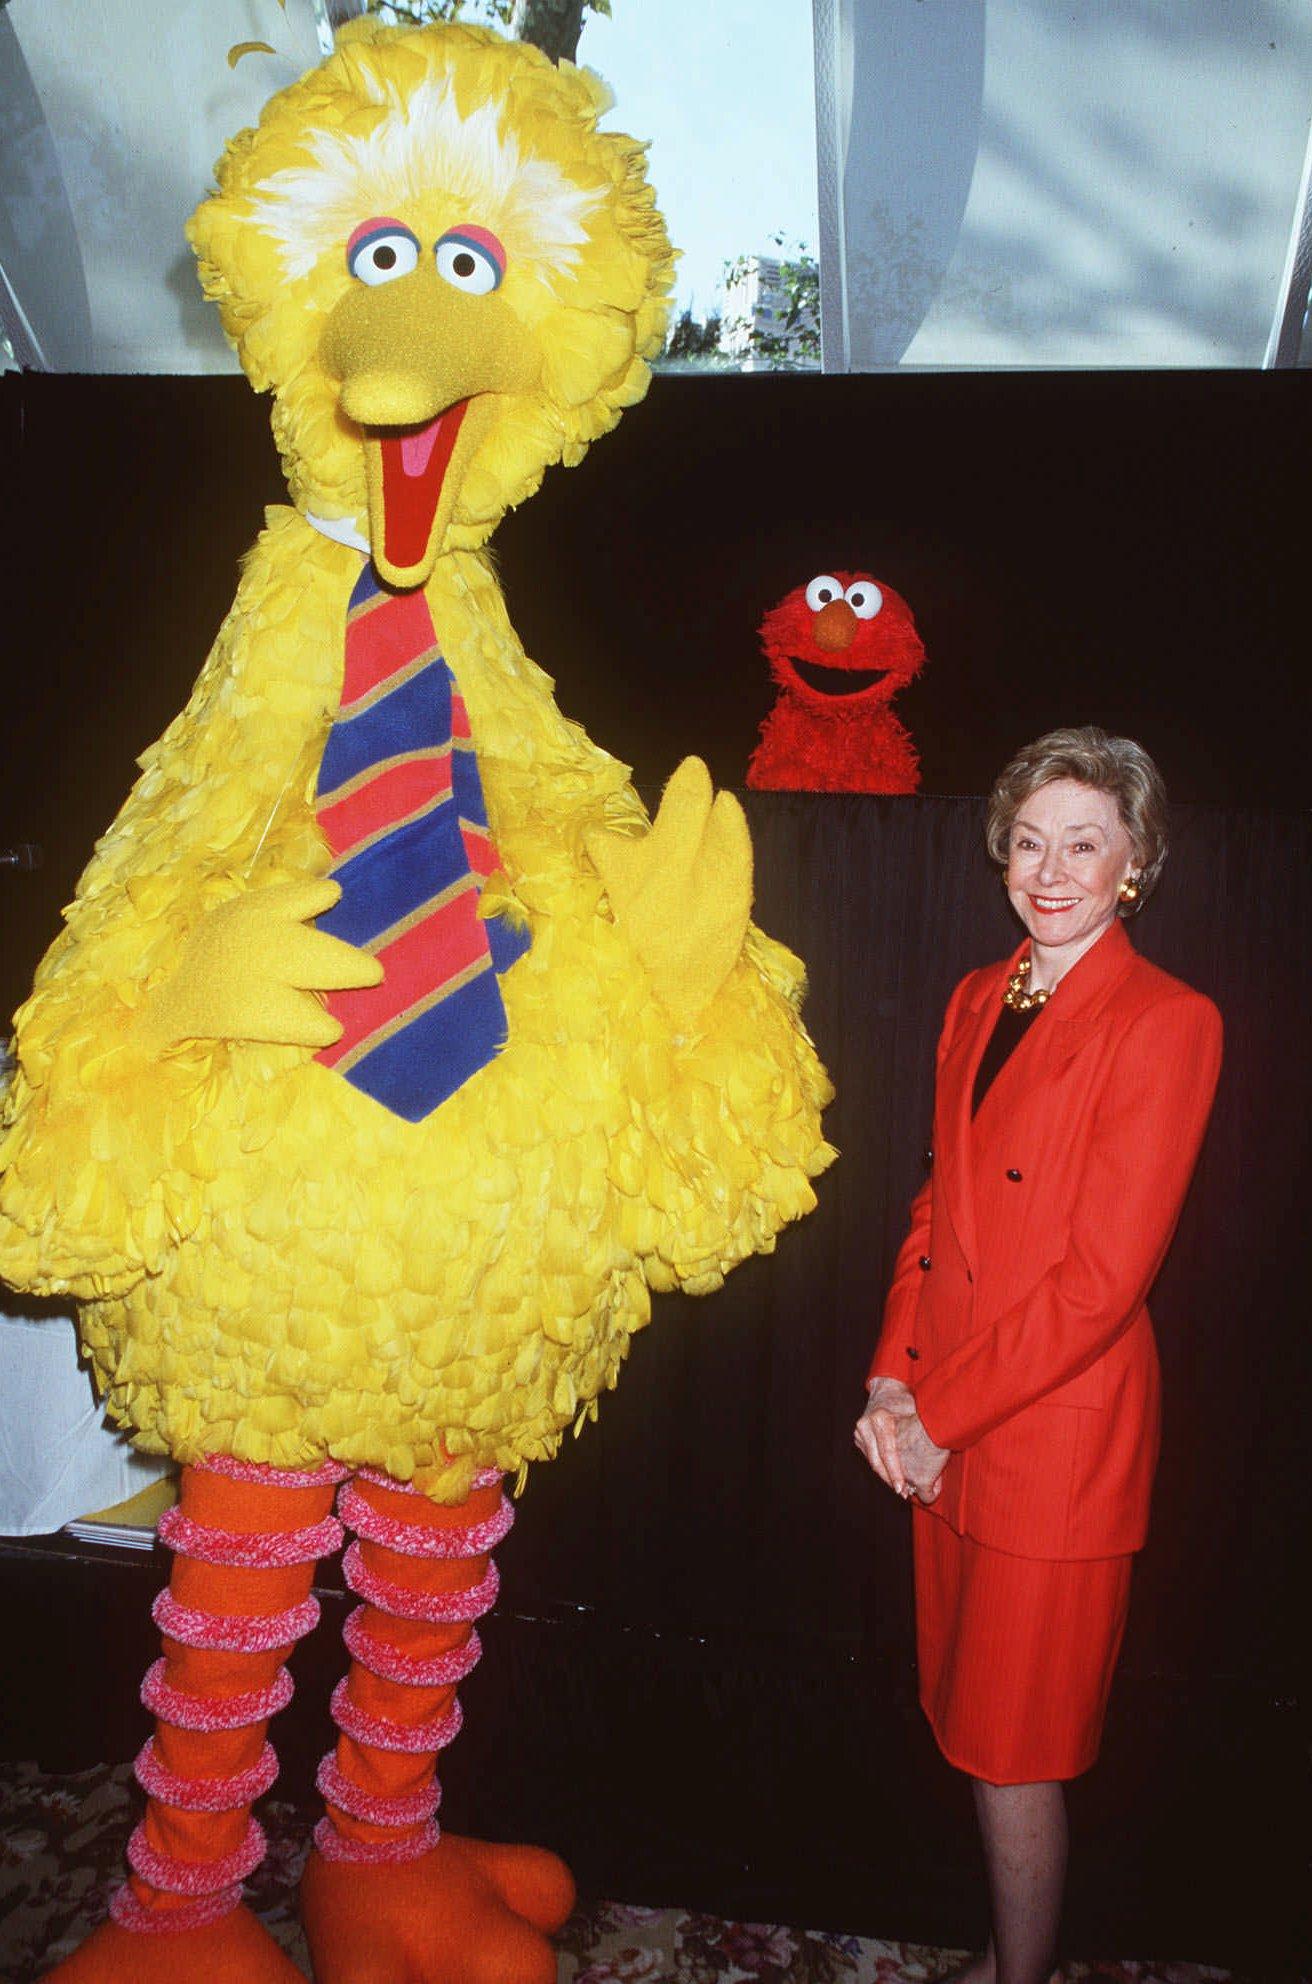 「芝麻街」的製片人Joan Ganz Cooney(右)與Elmo(中)和Big Bird(左)。美聯社